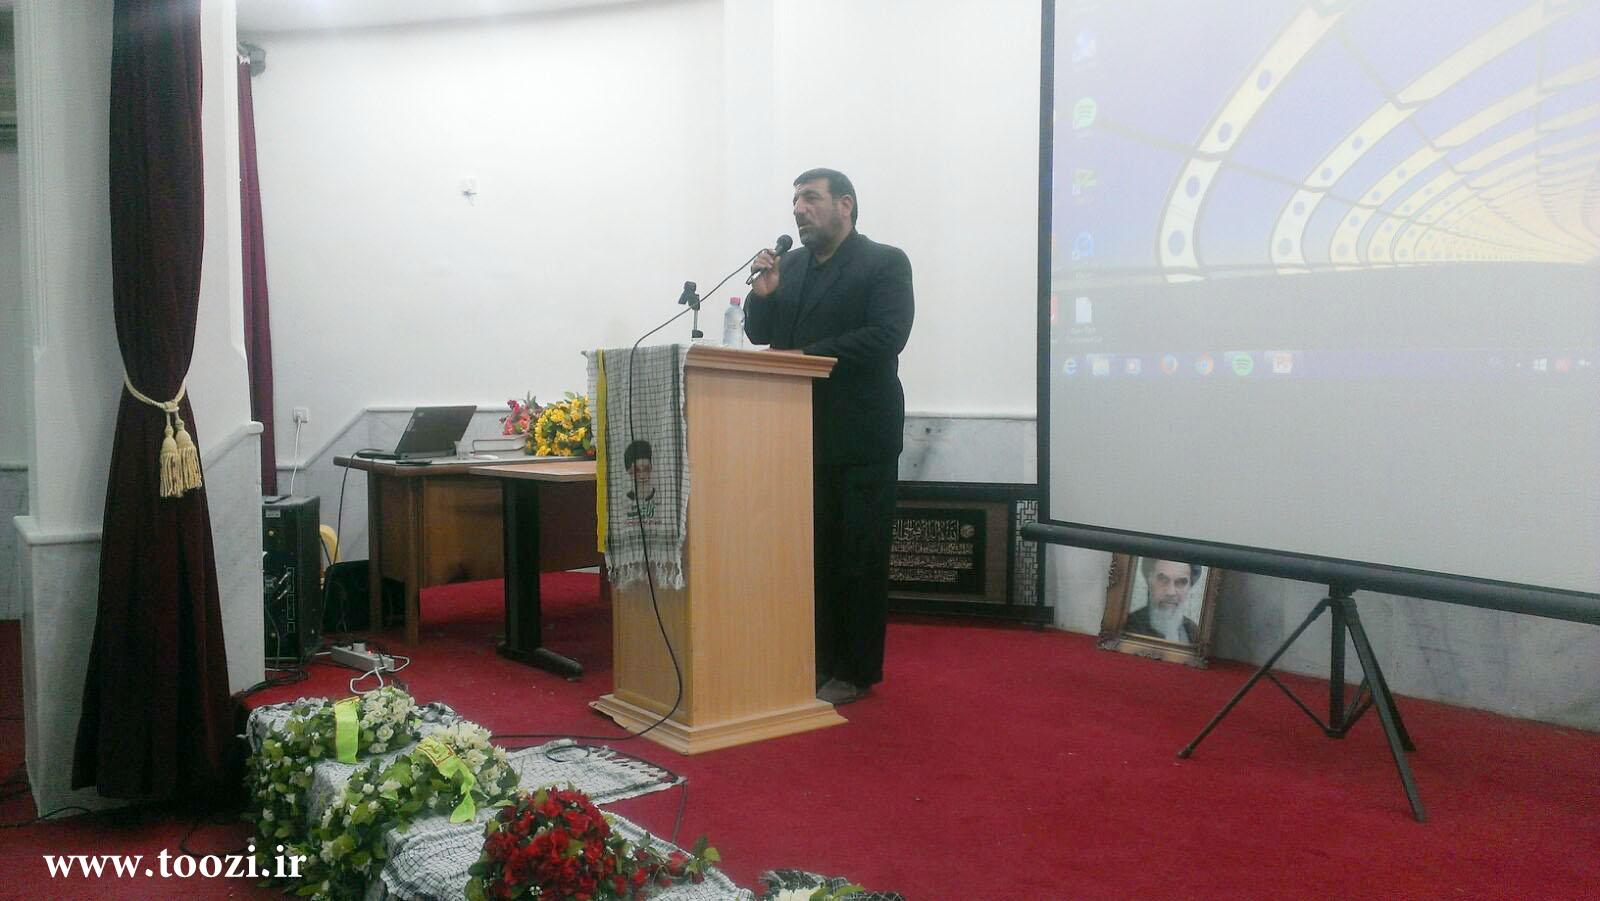 اجرای جناب توزی در دانشگاه آزاد گناوه